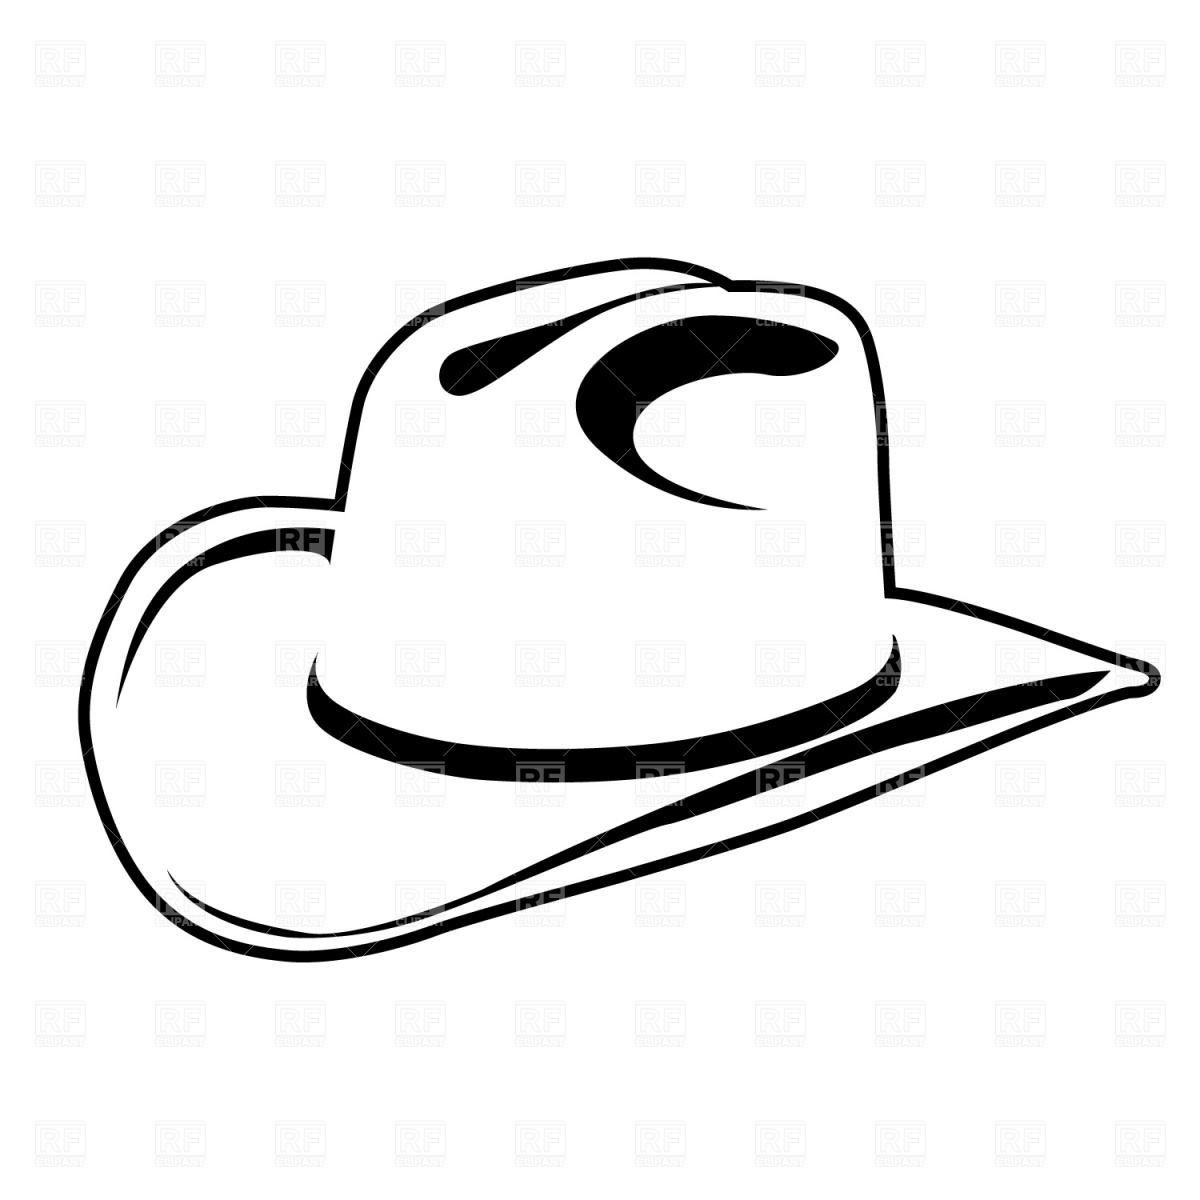 Cowboy hat clipart line art.